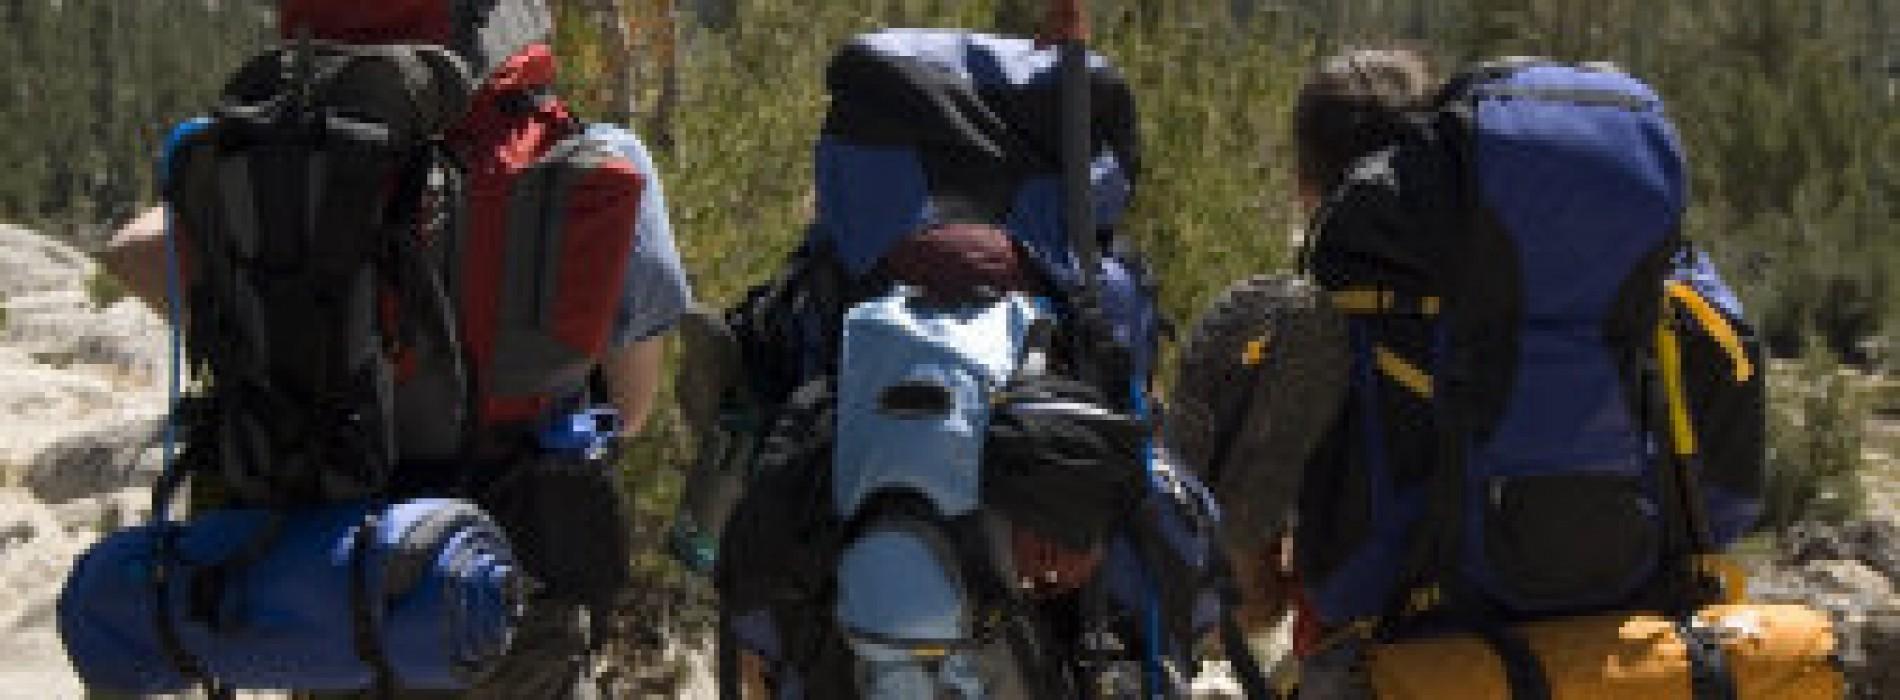 Pleci la mare? Esti călător independent (backpacker)? Citeste mai departe…